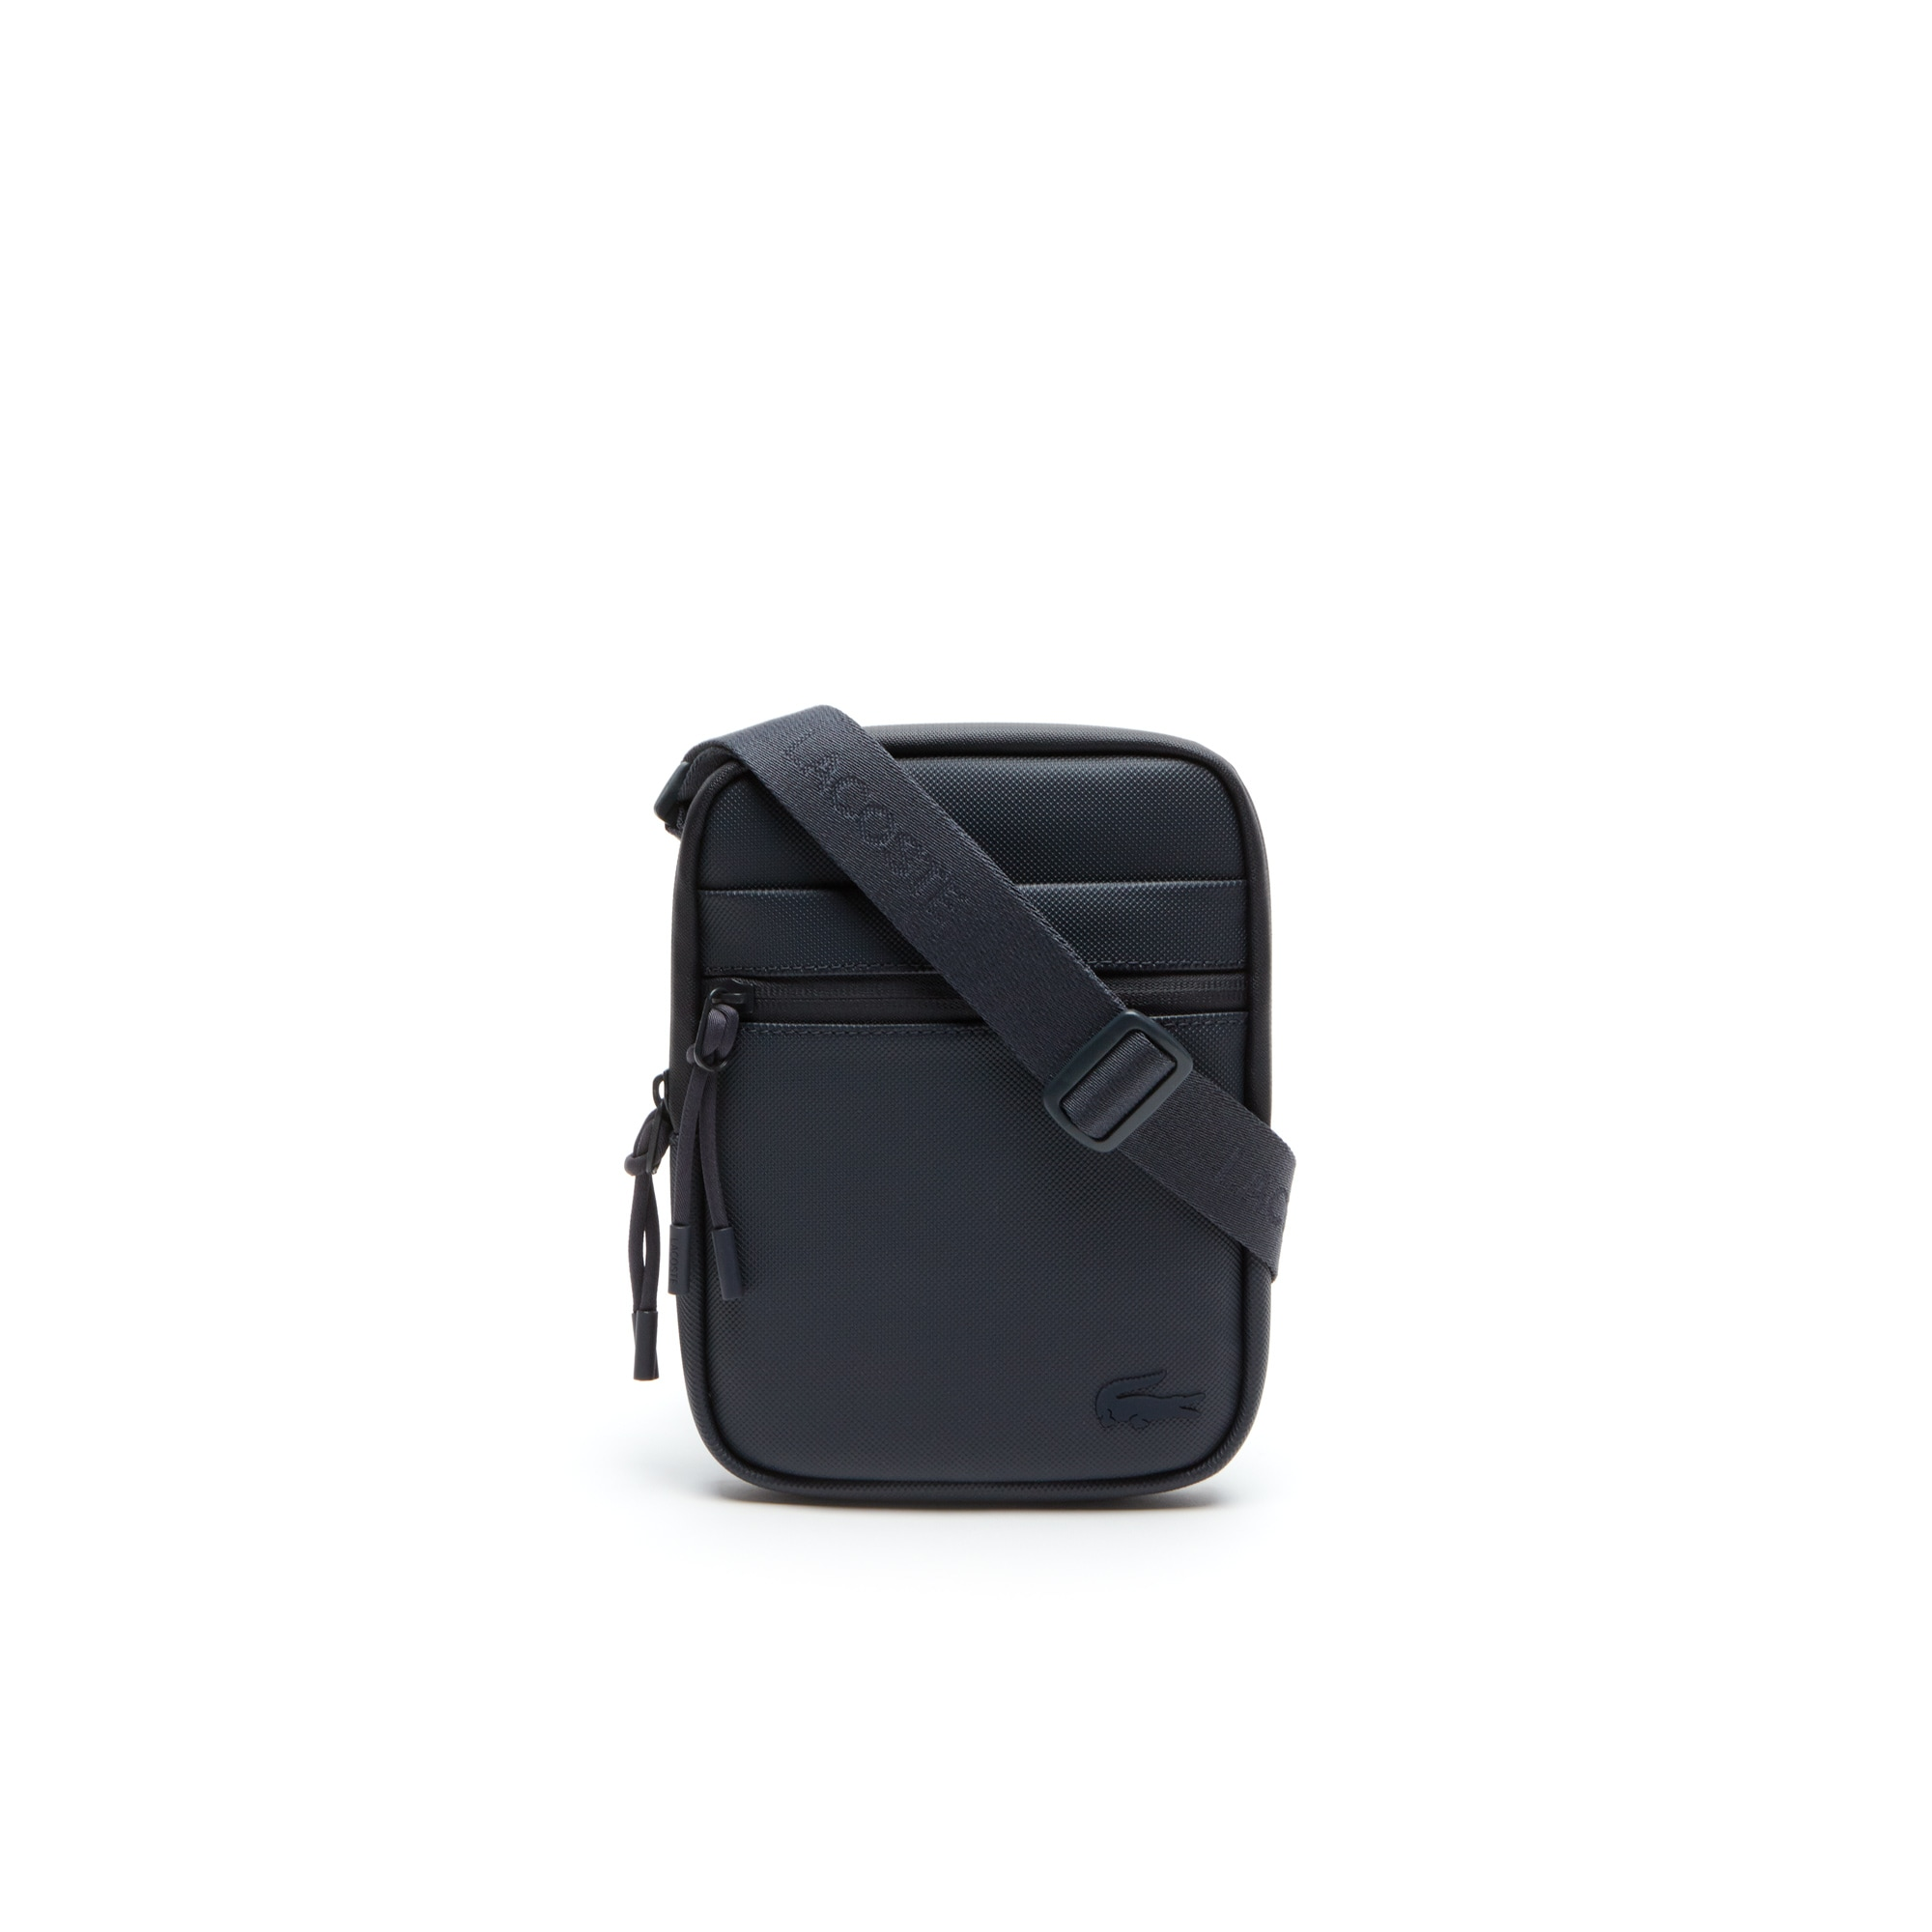 Flache Herrentasche L.12.12. Concept aus Petit Piqué